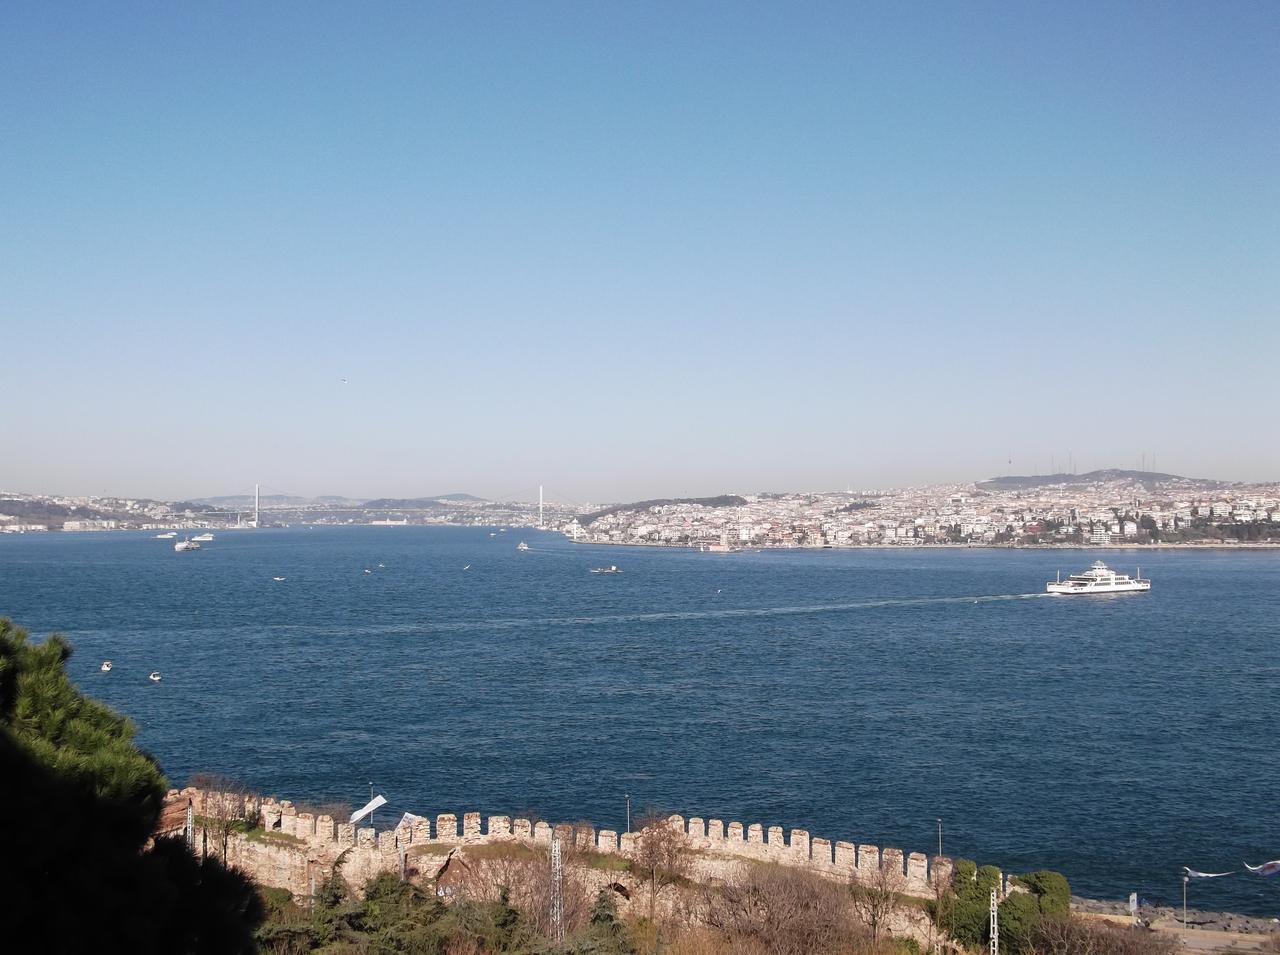 画像: アジアとヨーロッパの境界線ボスポラス海峡(イメージ)